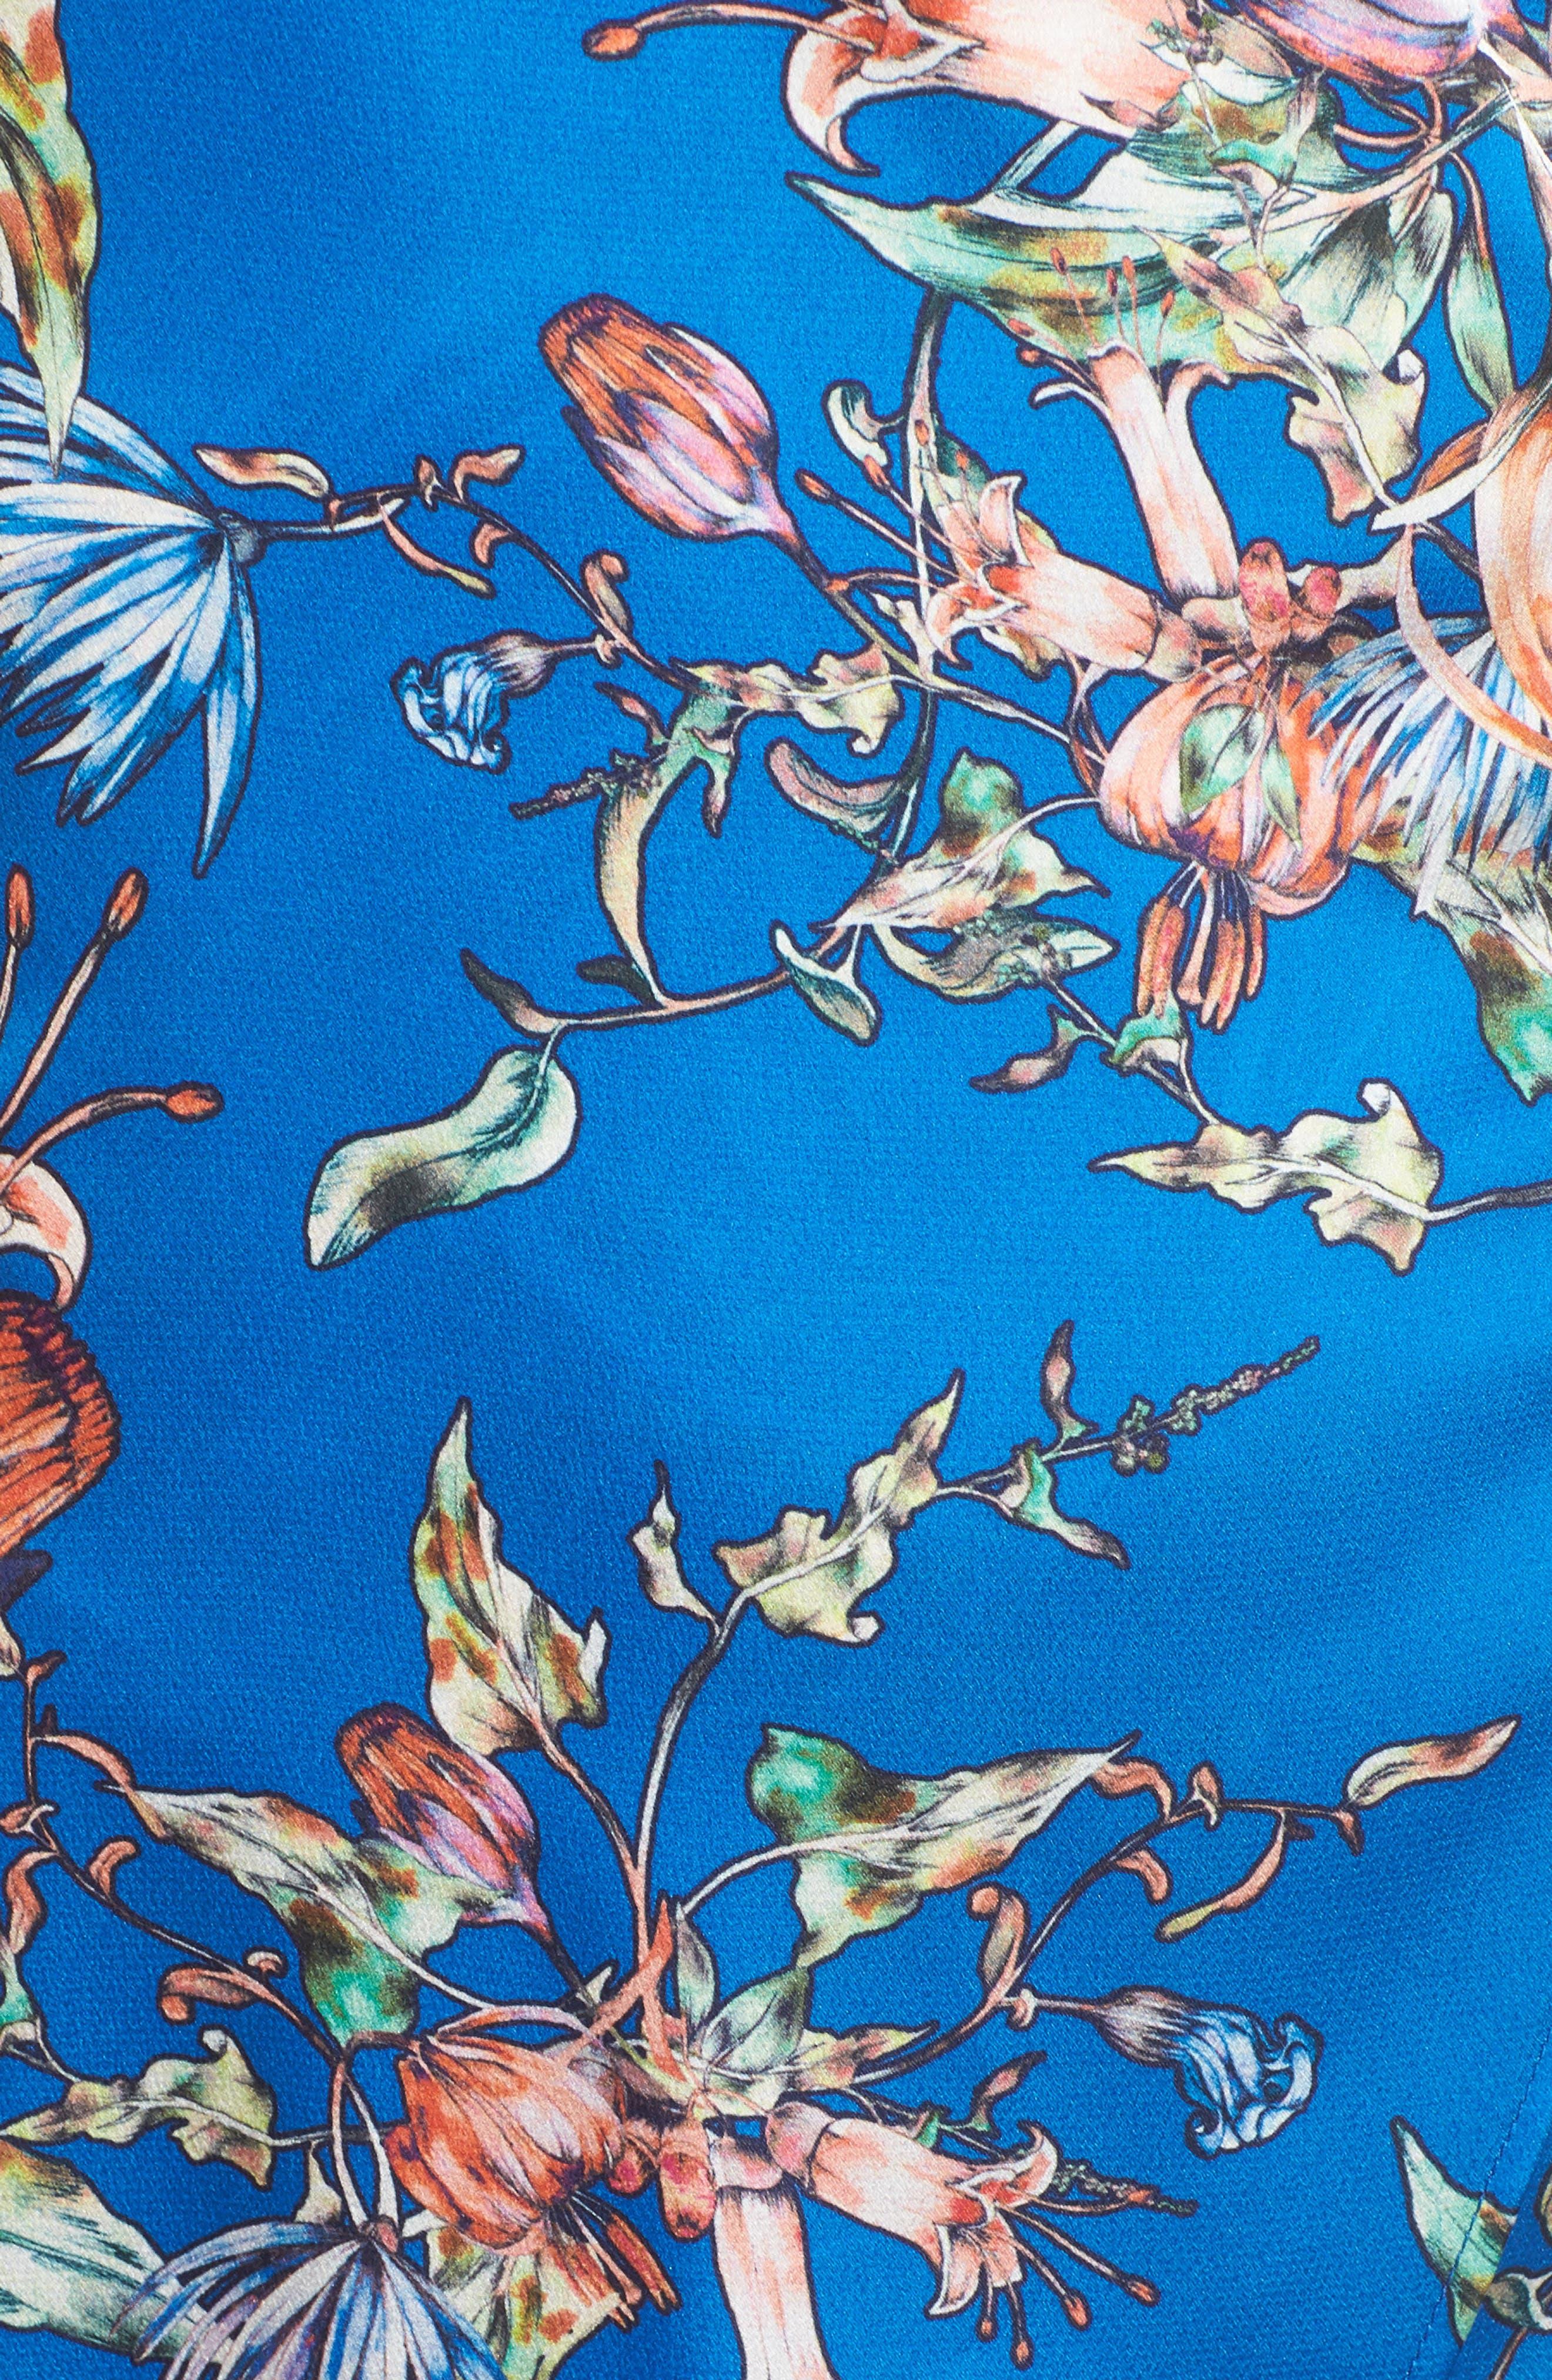 Floral Print Satin Faux Wrap Dress,                             Alternate thumbnail 6, color,                             430